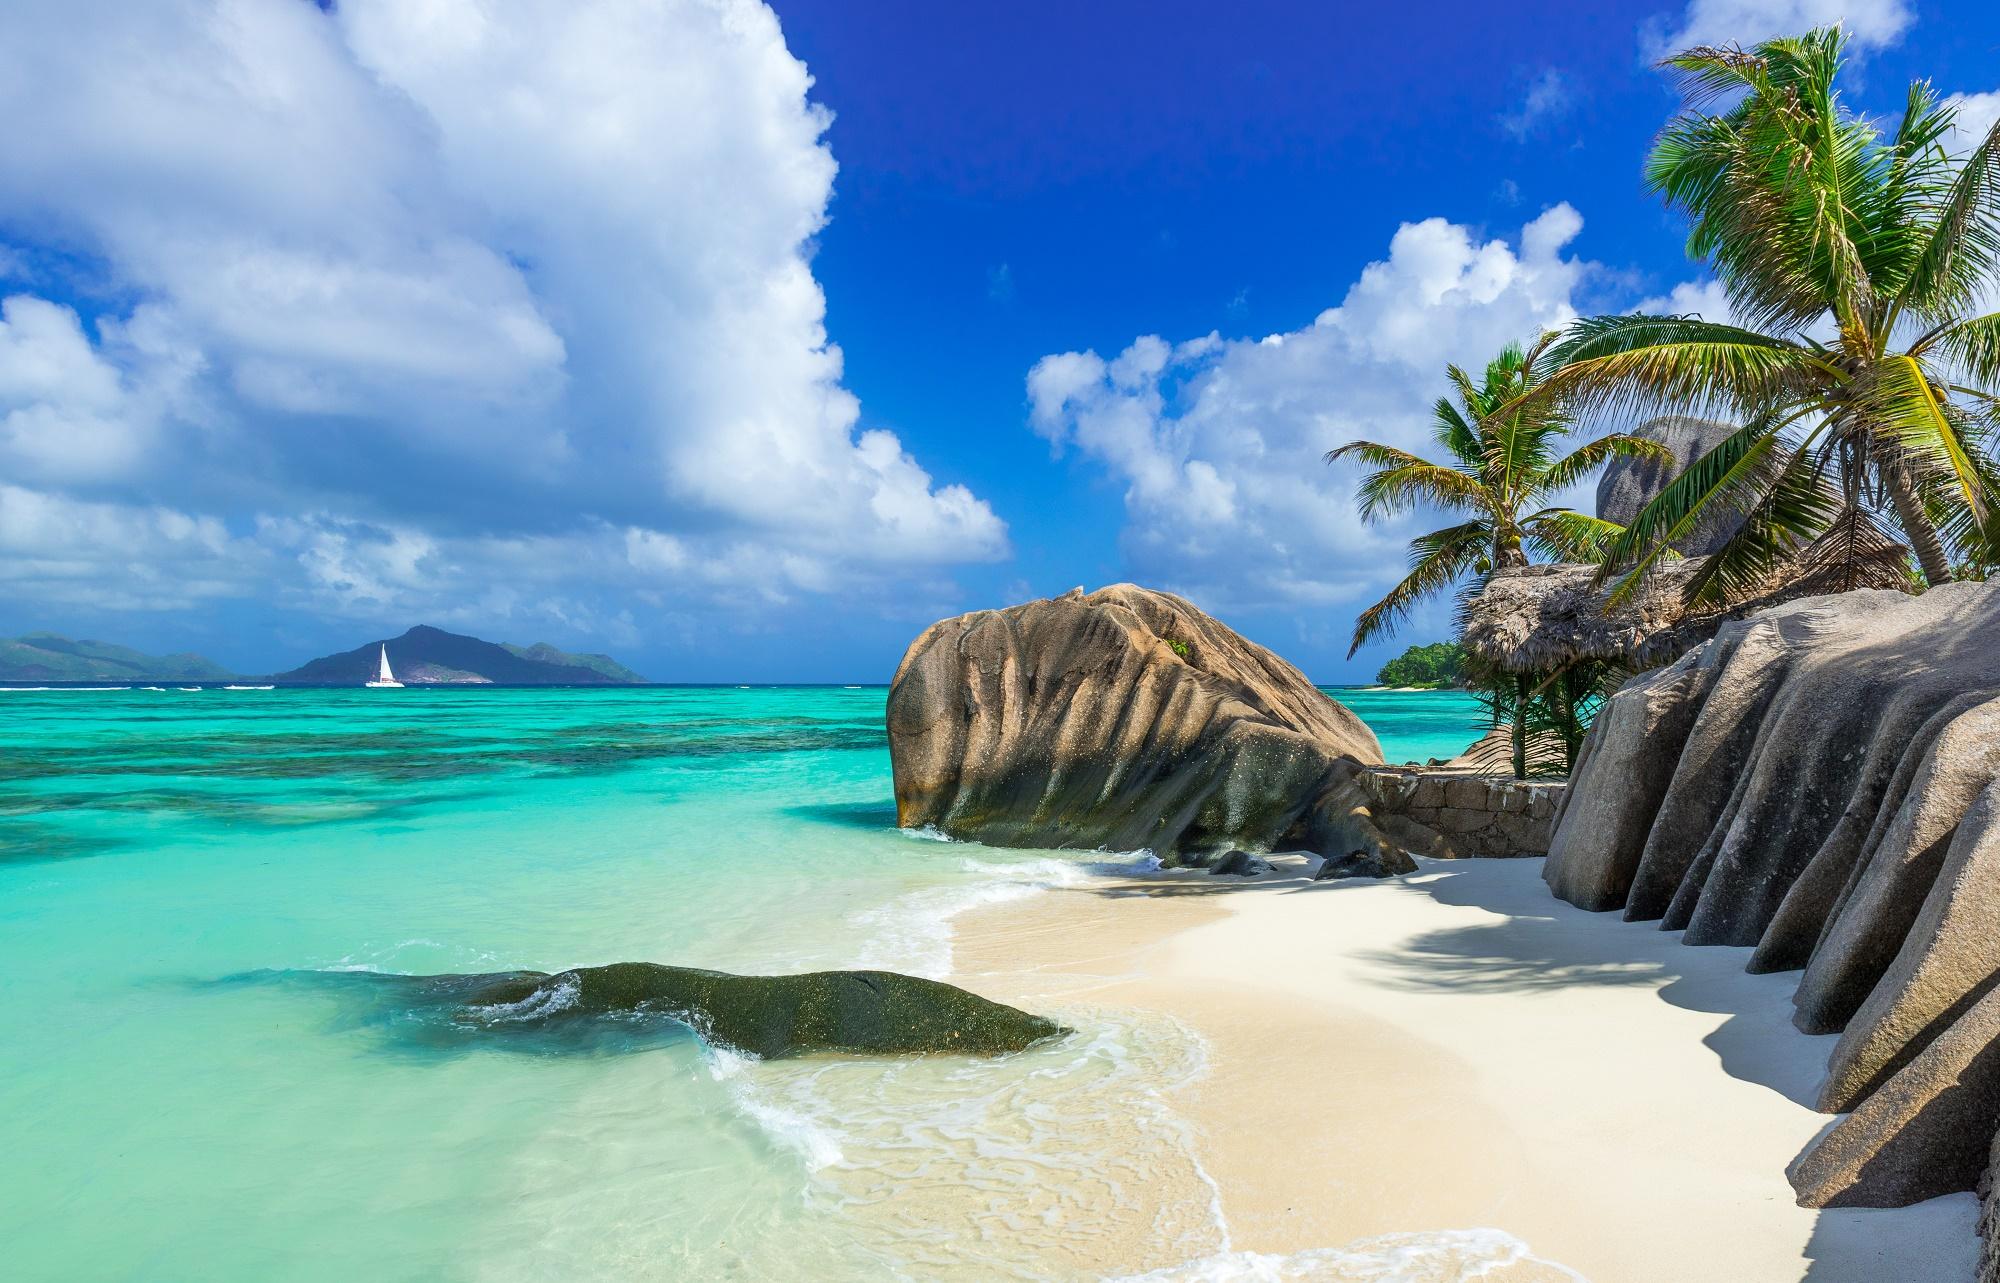 Seychellen Flug-Schnäppli für nur 371 CHF   Holidayguru.ch - photo#7